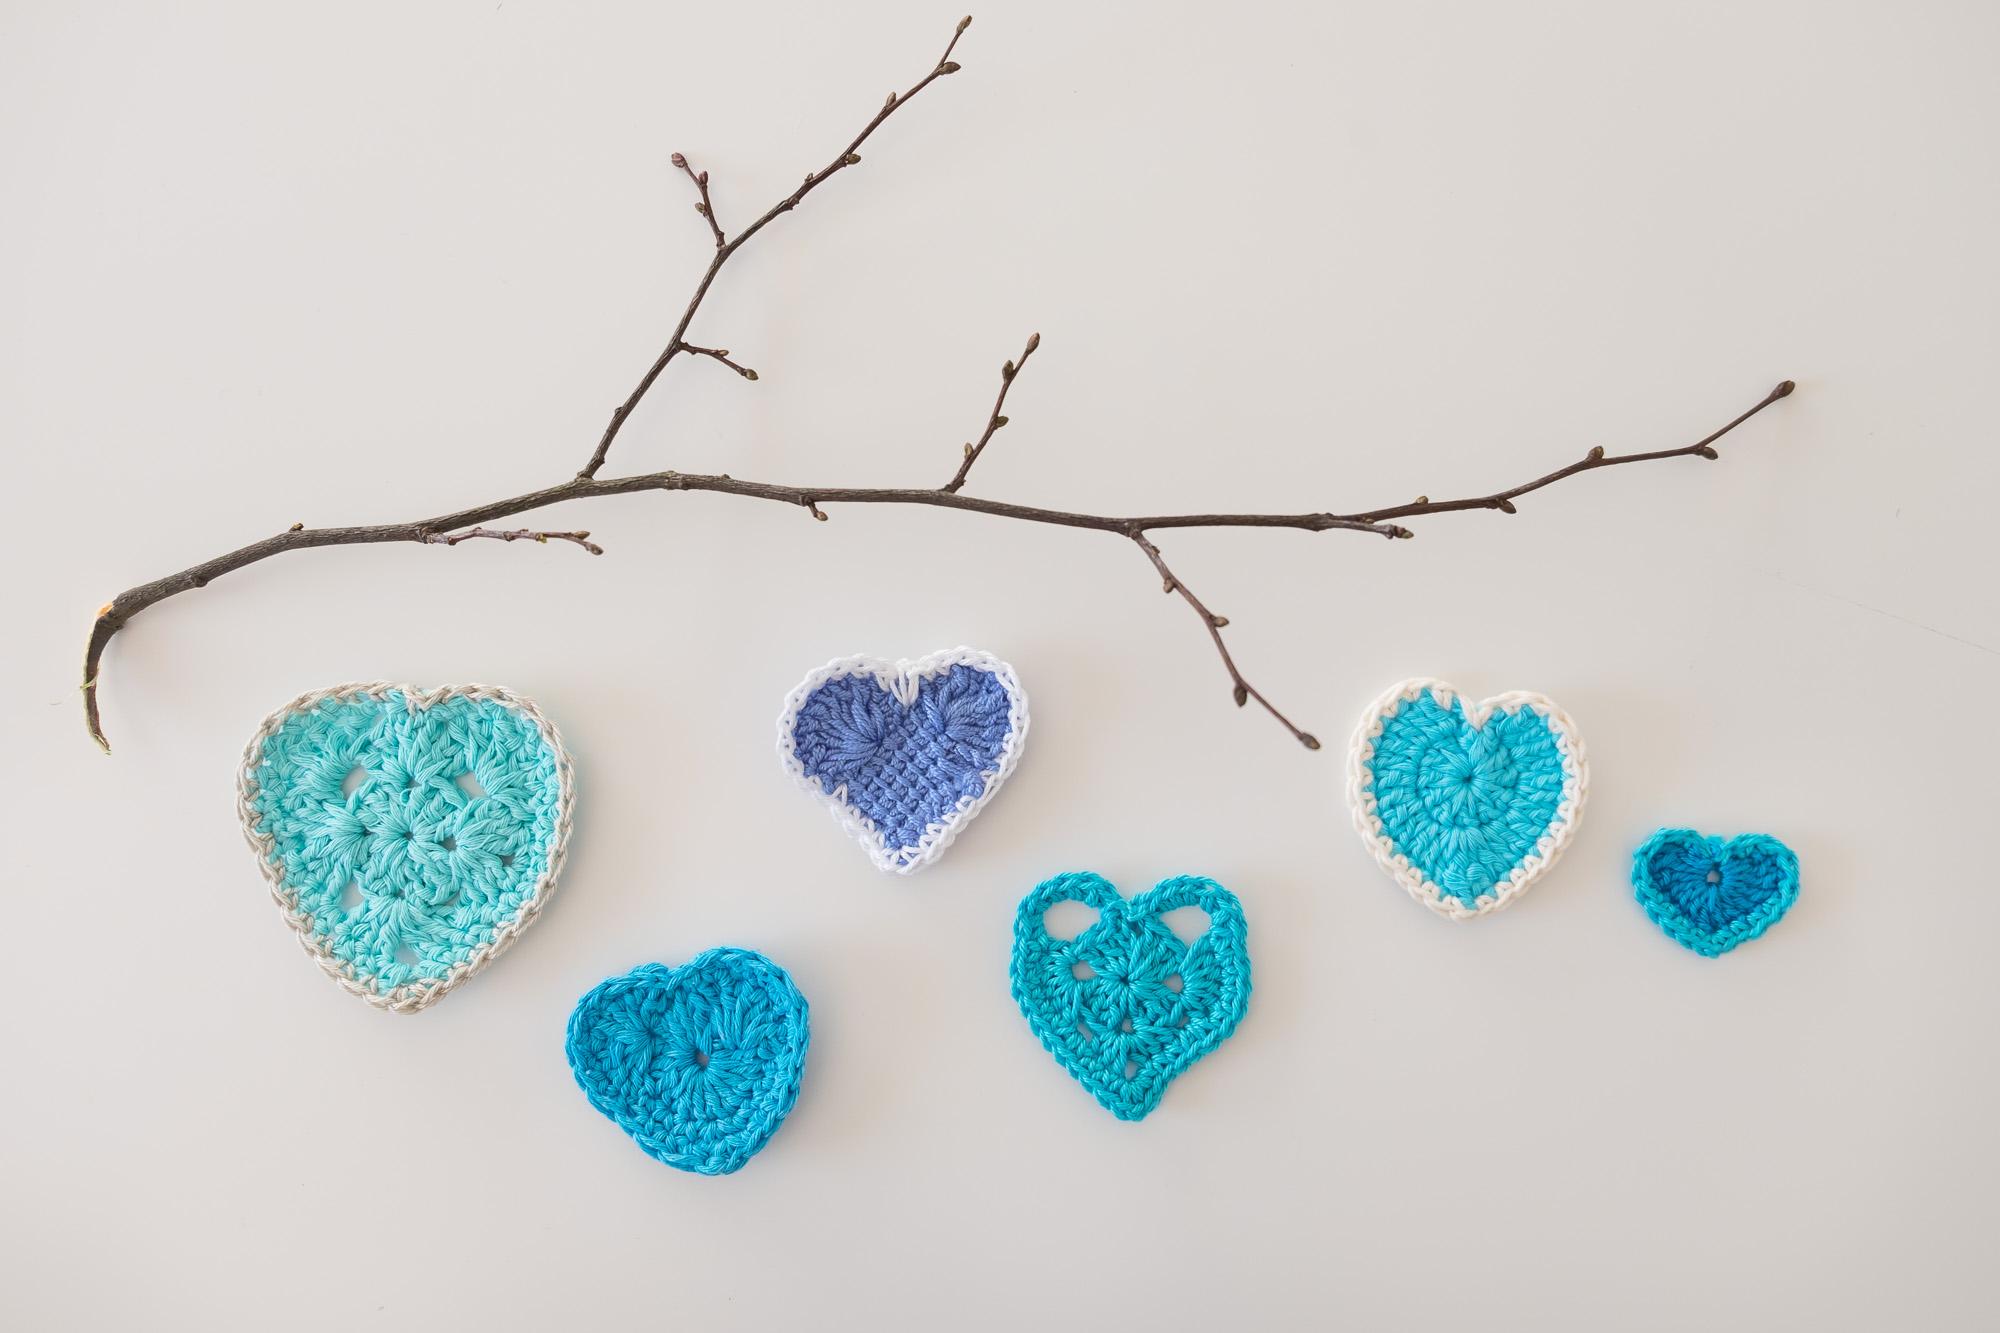 Corazones de ganchillo en diferentes azules